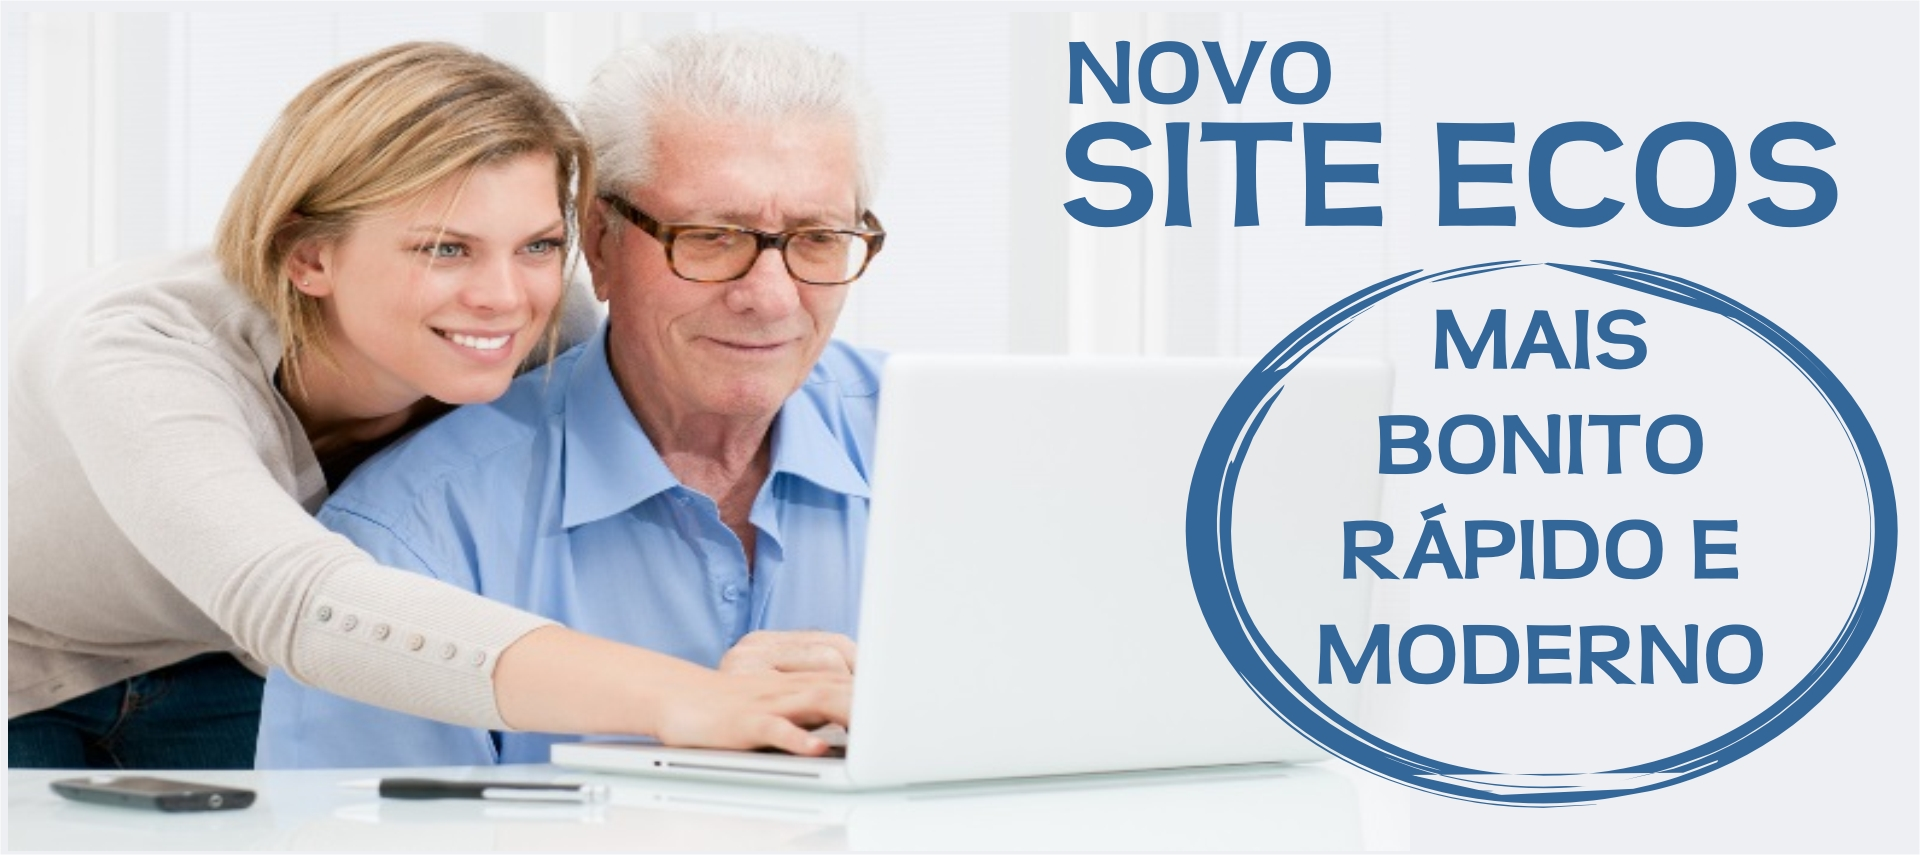 Novo sitee